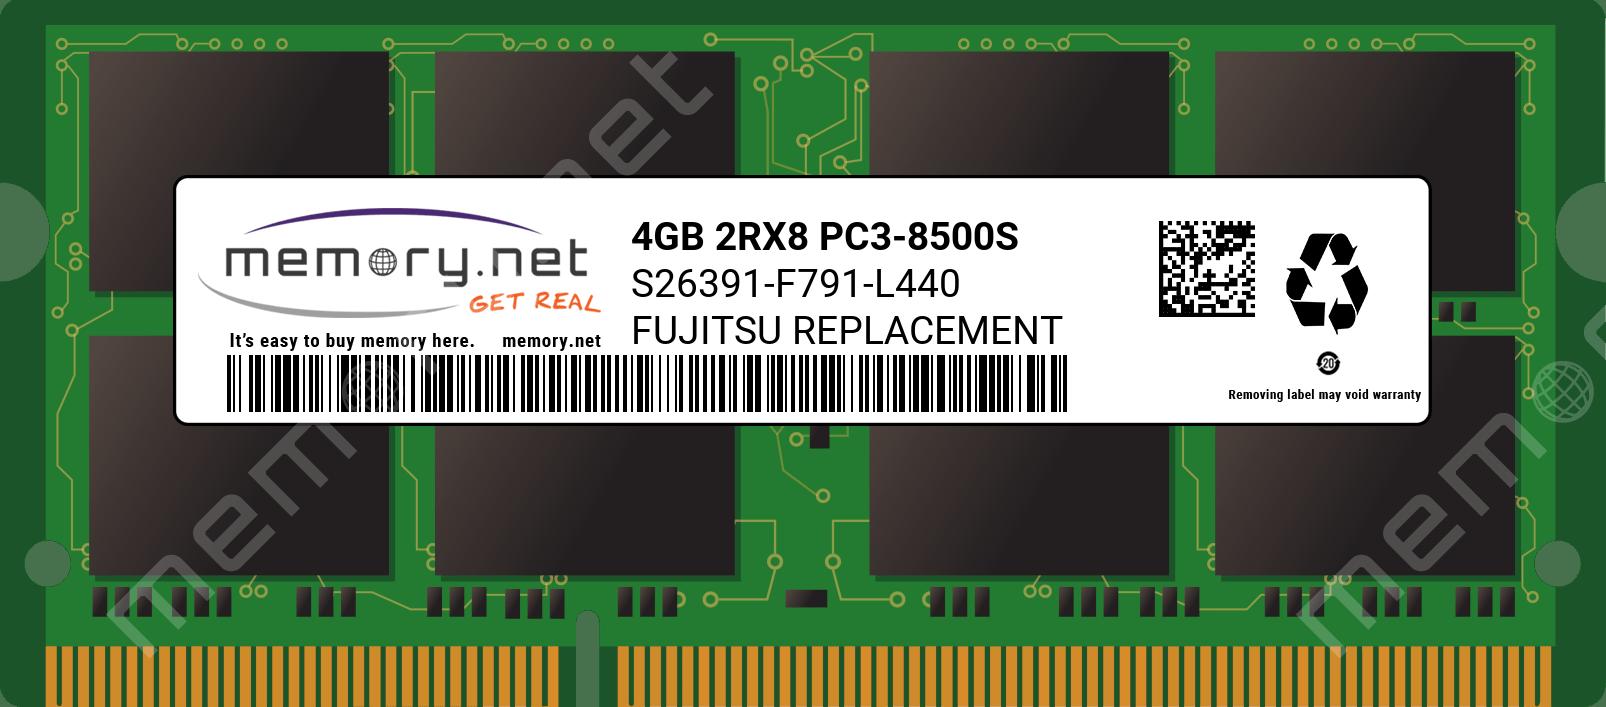 S26391-F791-L440